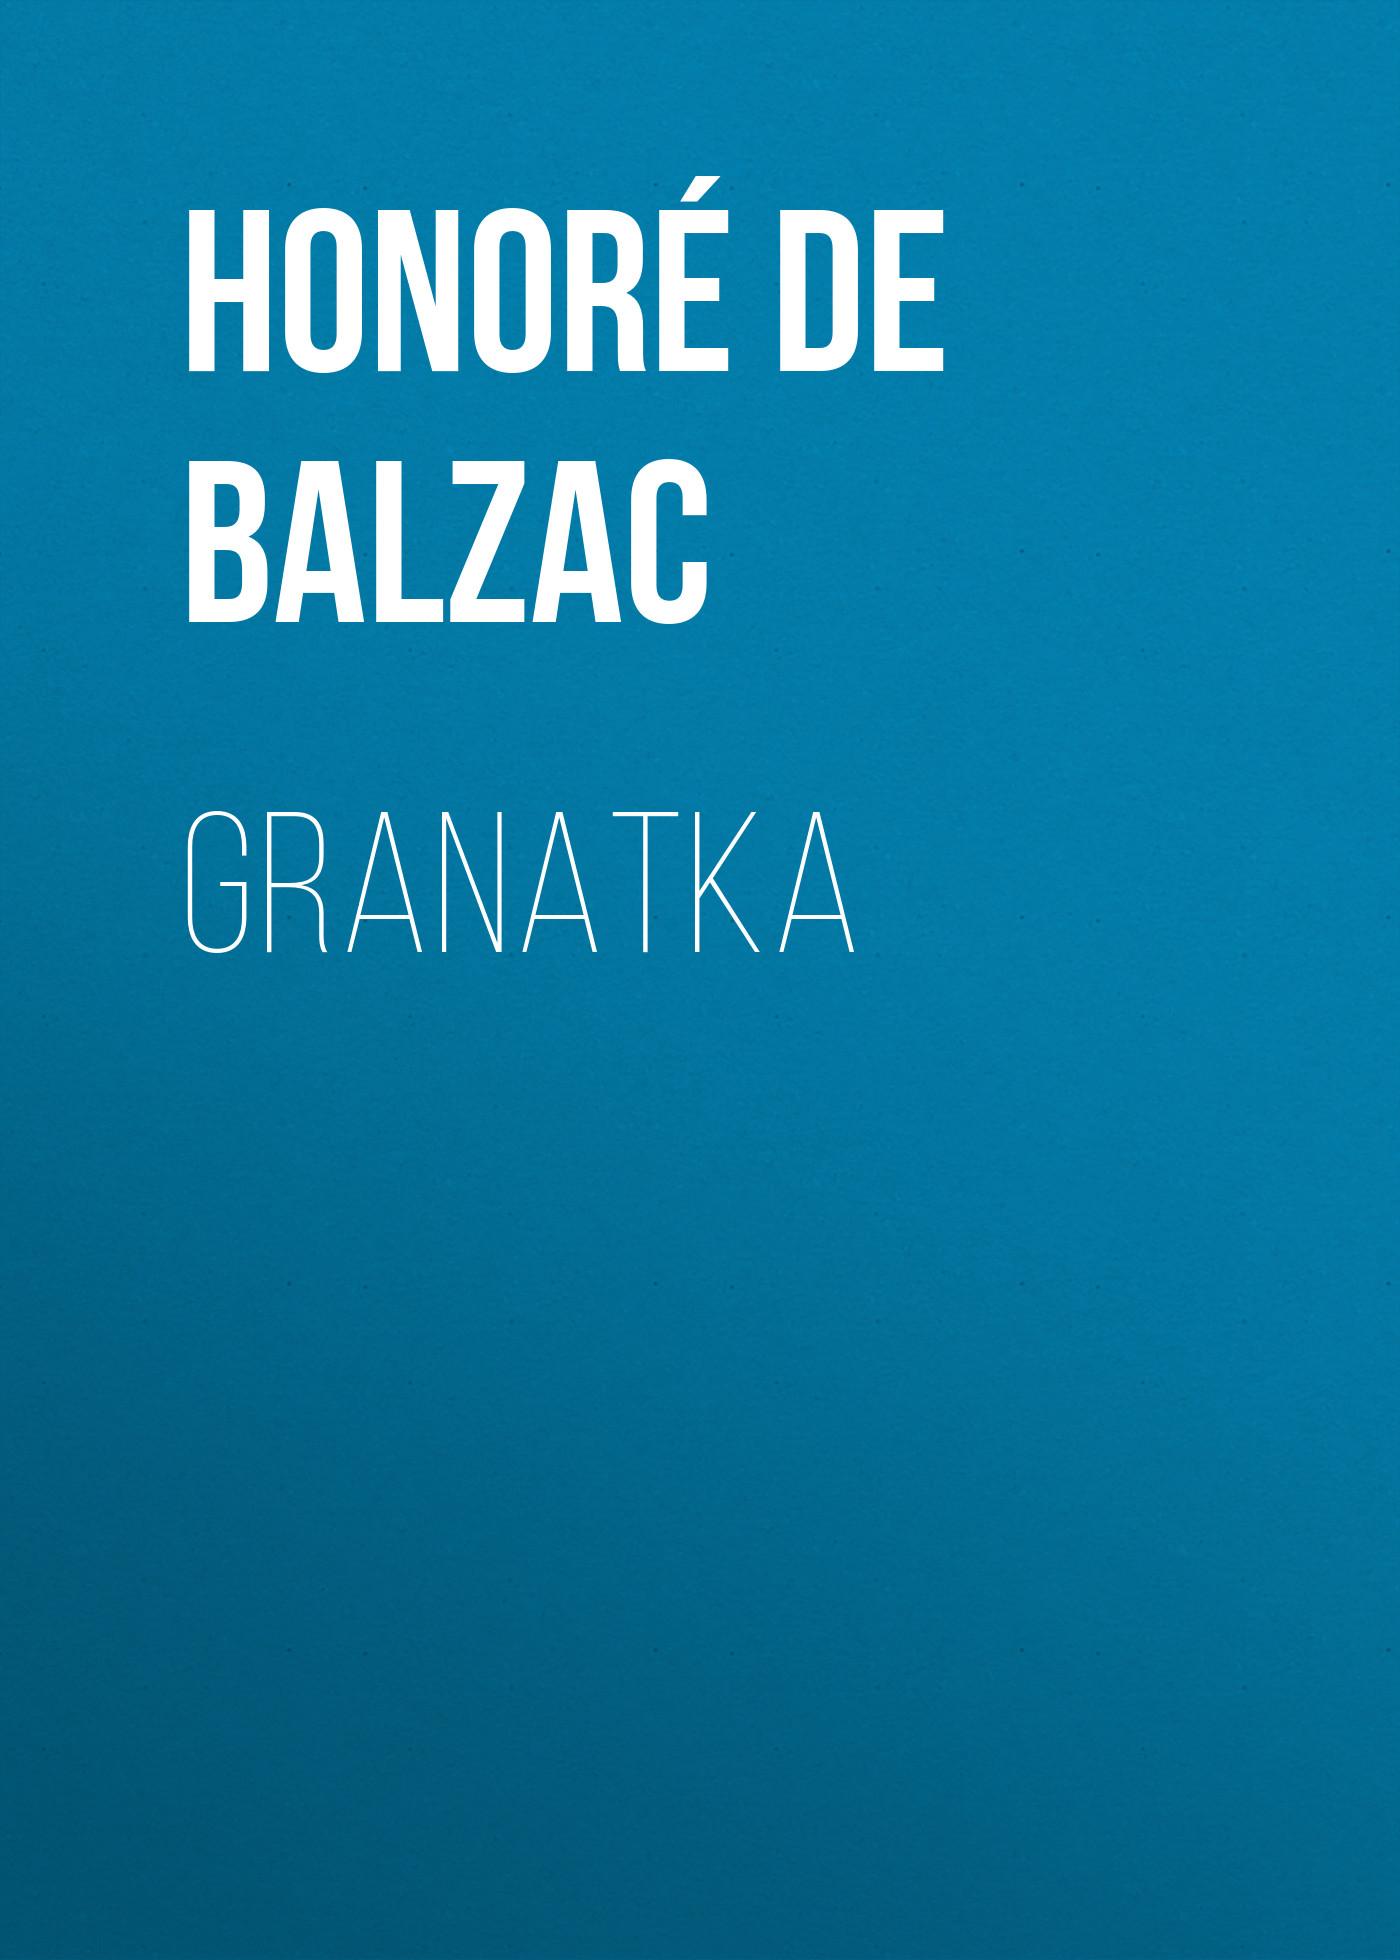 Granatka